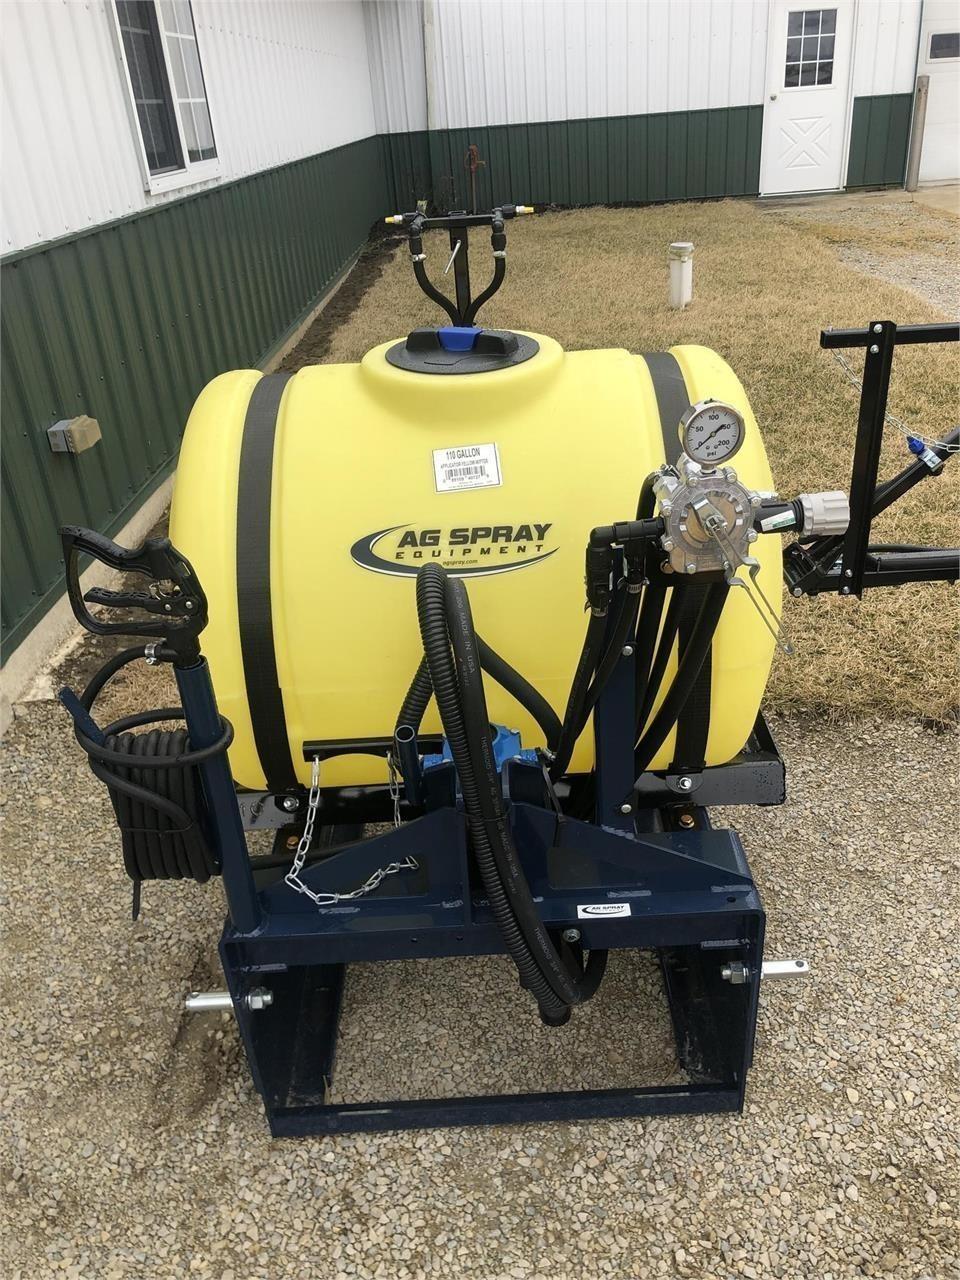 Ag Spray Equipment 110 Pull-Type Sprayer